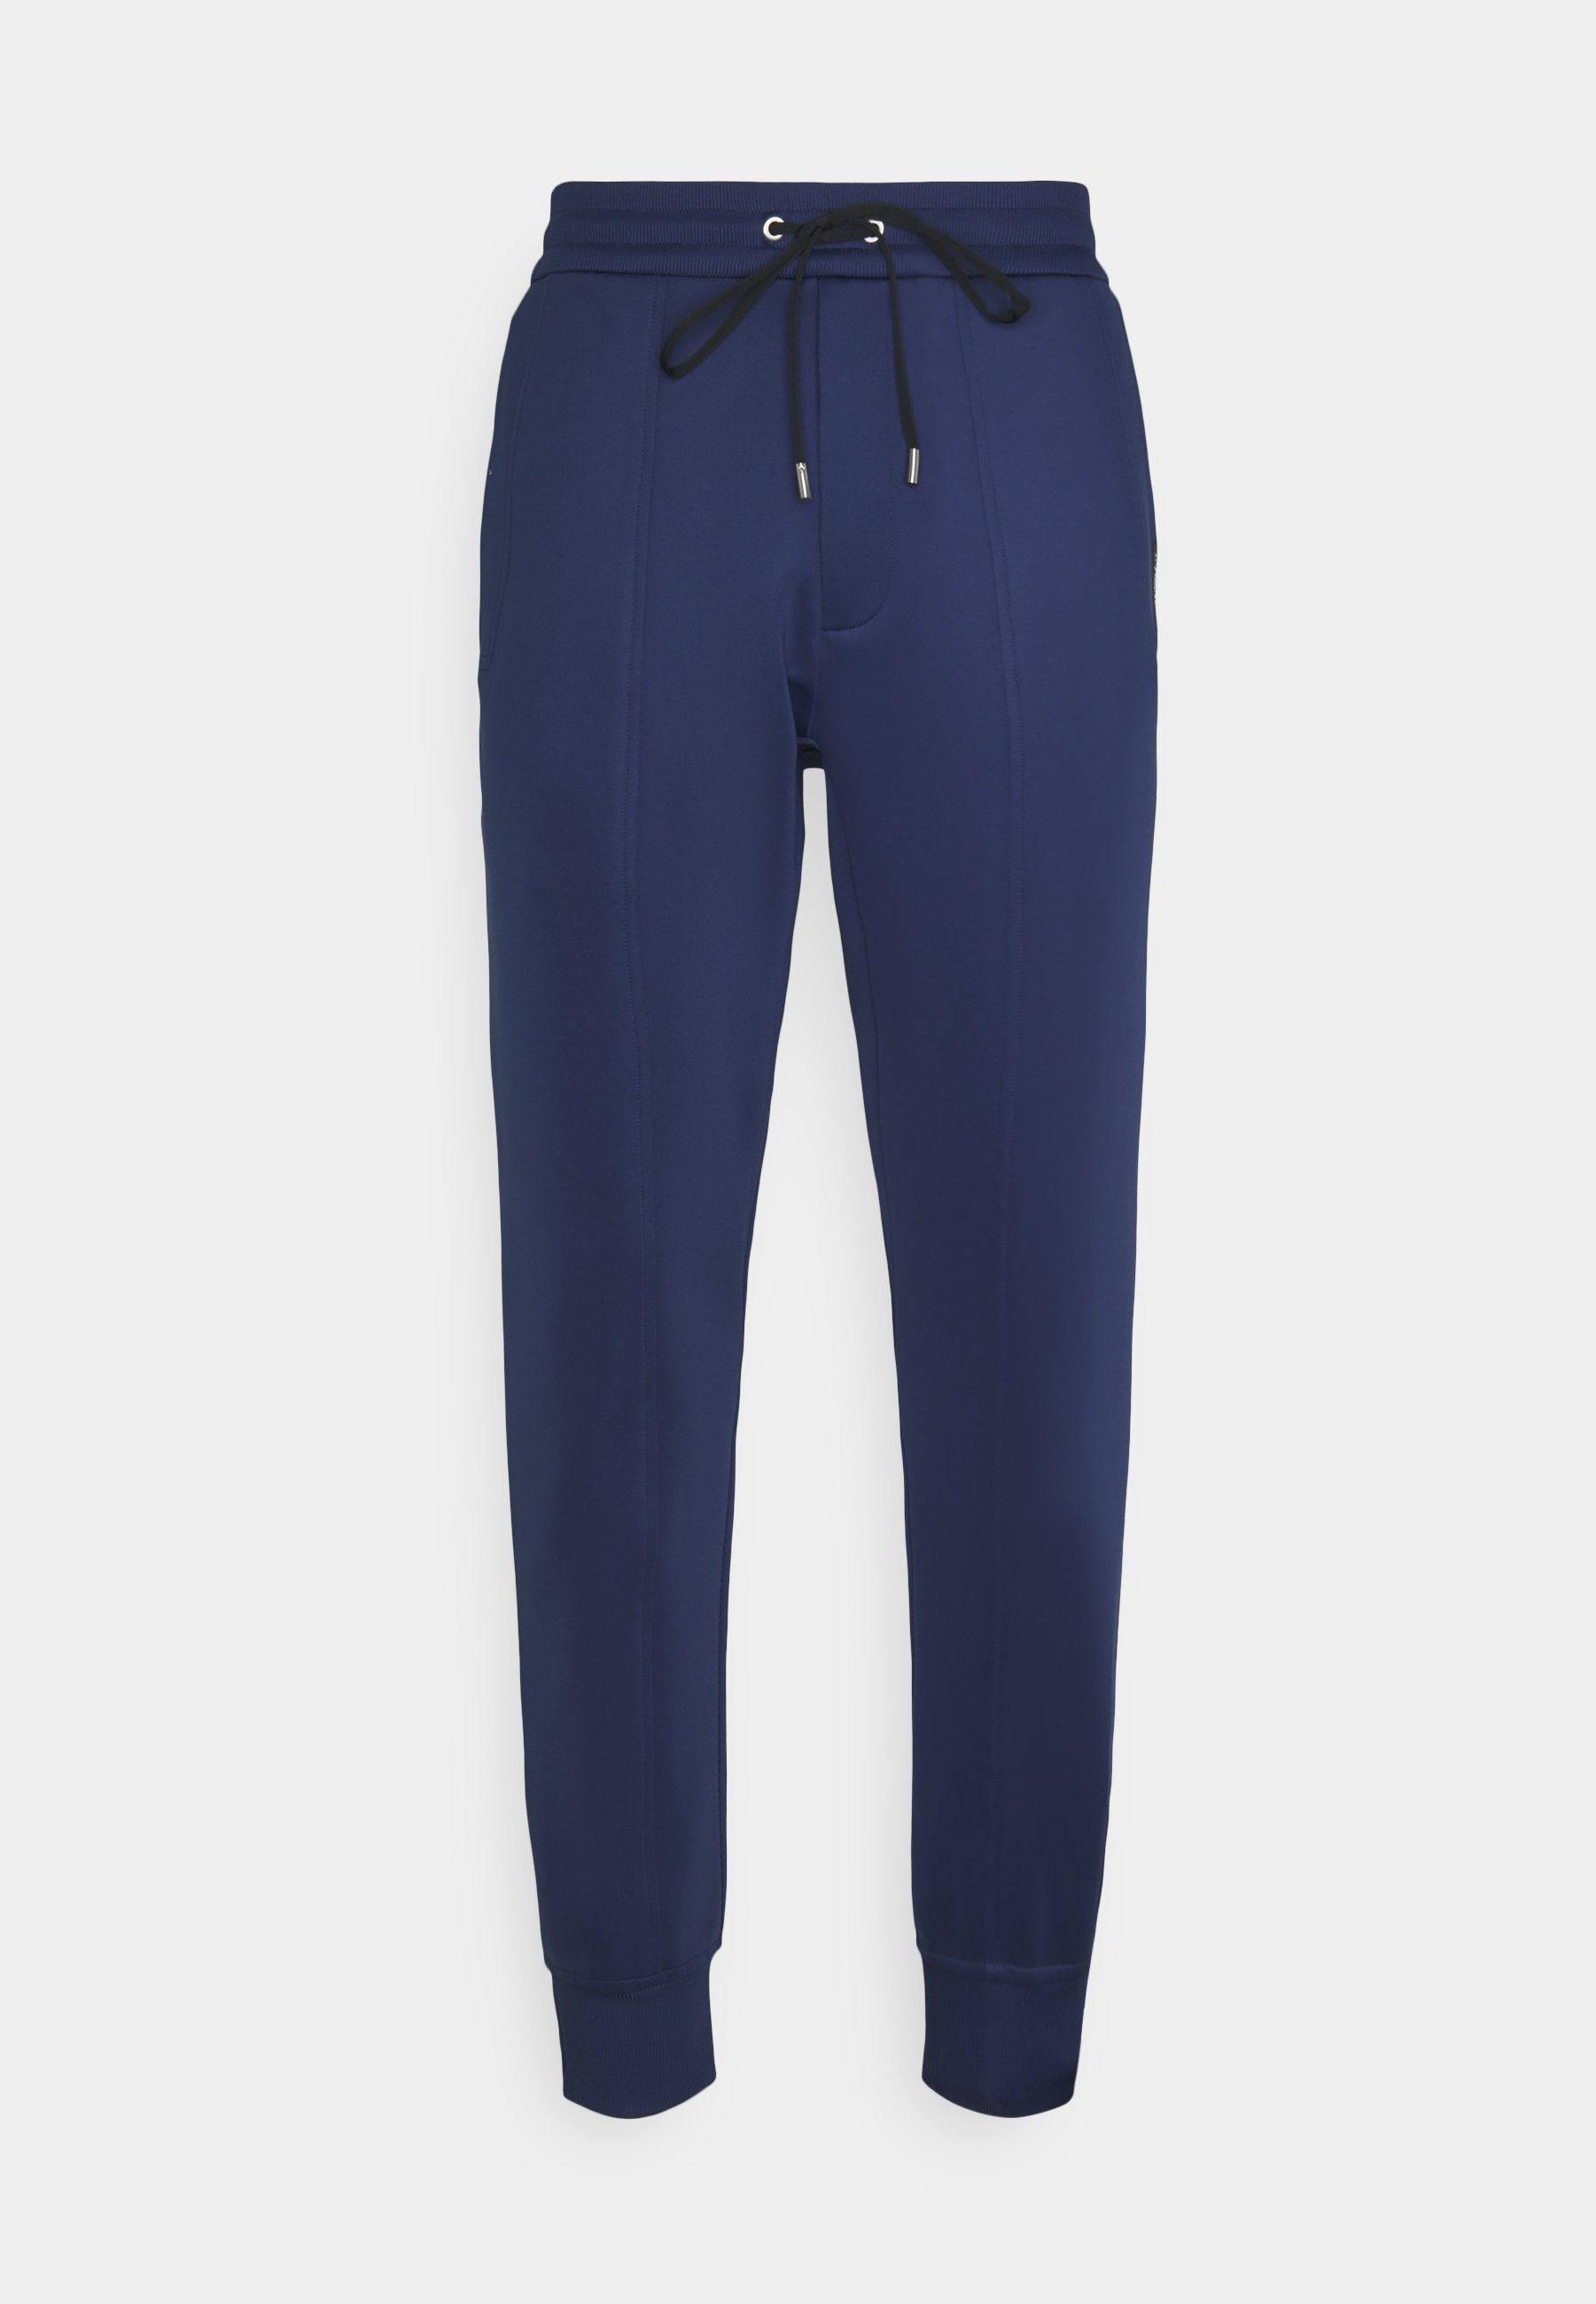 3.1 Phillip Lim Track Pant - Spodnie Materiałowe Royal Blu